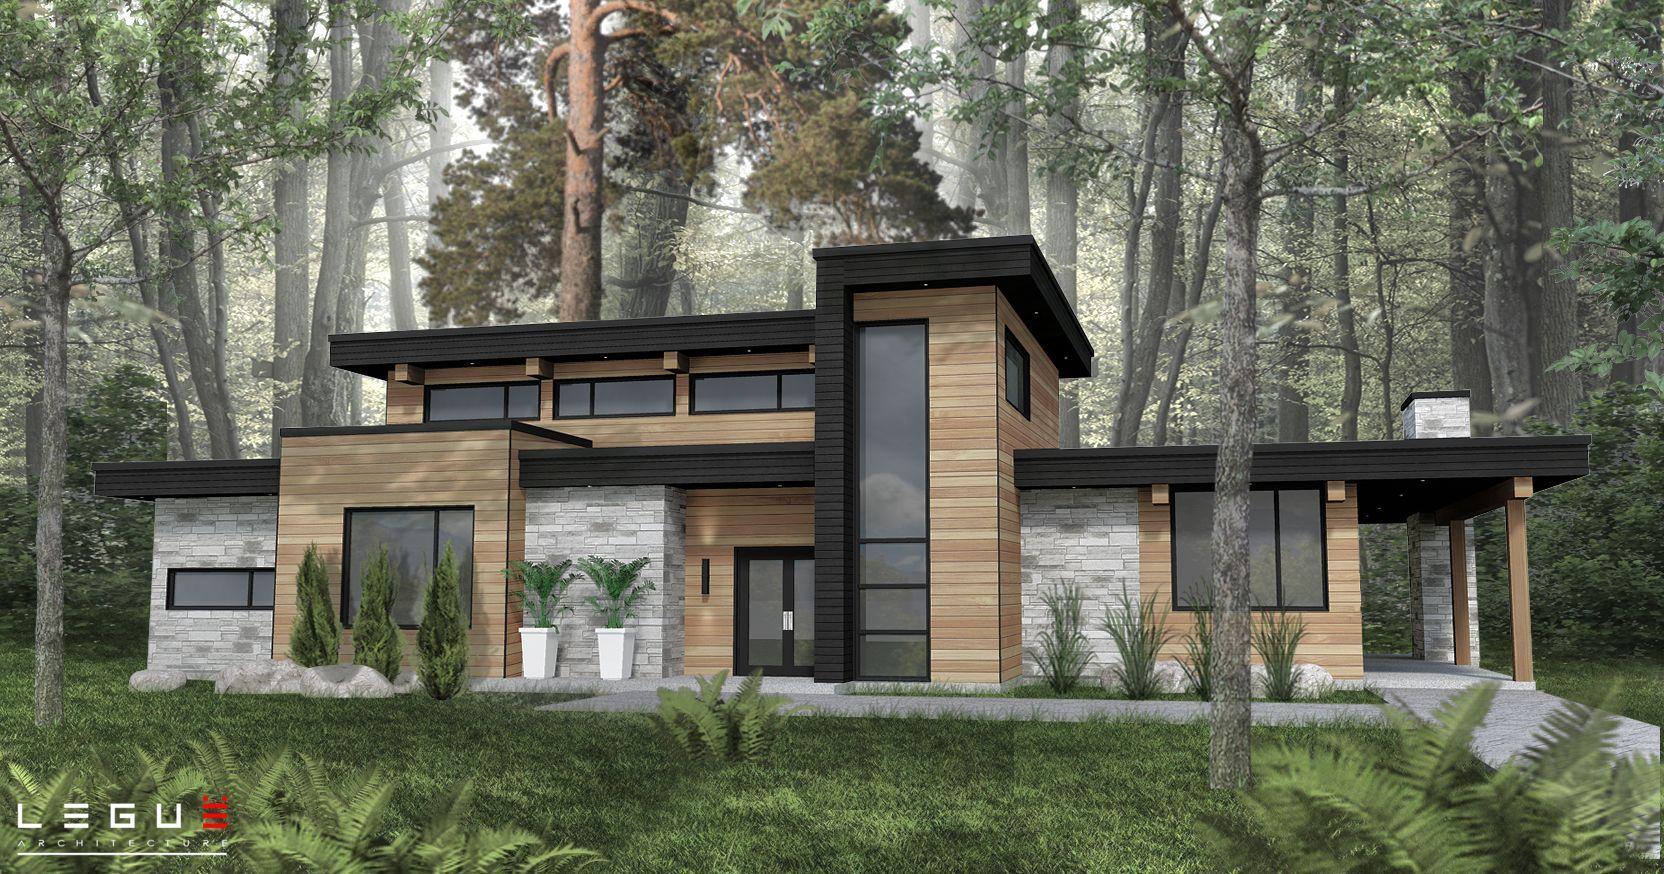 Obtenez Un Plan De Maison Sur Mesure Legue Architecture Contemporary House Design Contemporary House Exterior House Exterior